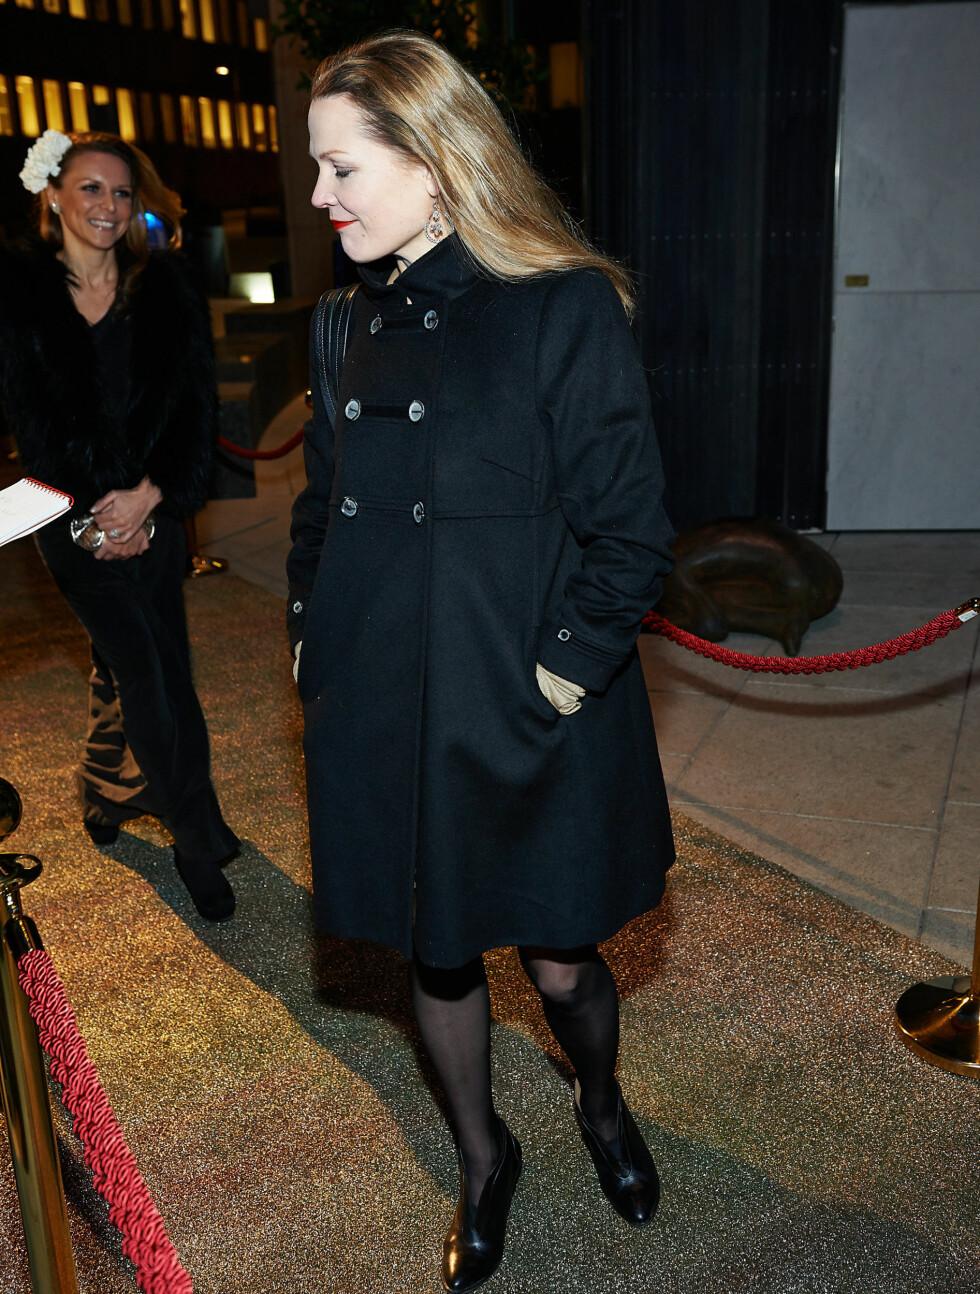 BLID: Åsne Seierstad tok seg tid til å snakke med journalistene. I bakgrunnen skimtes Costume-redaktør Vanessa Rudjord. Foto: Stella Pictures